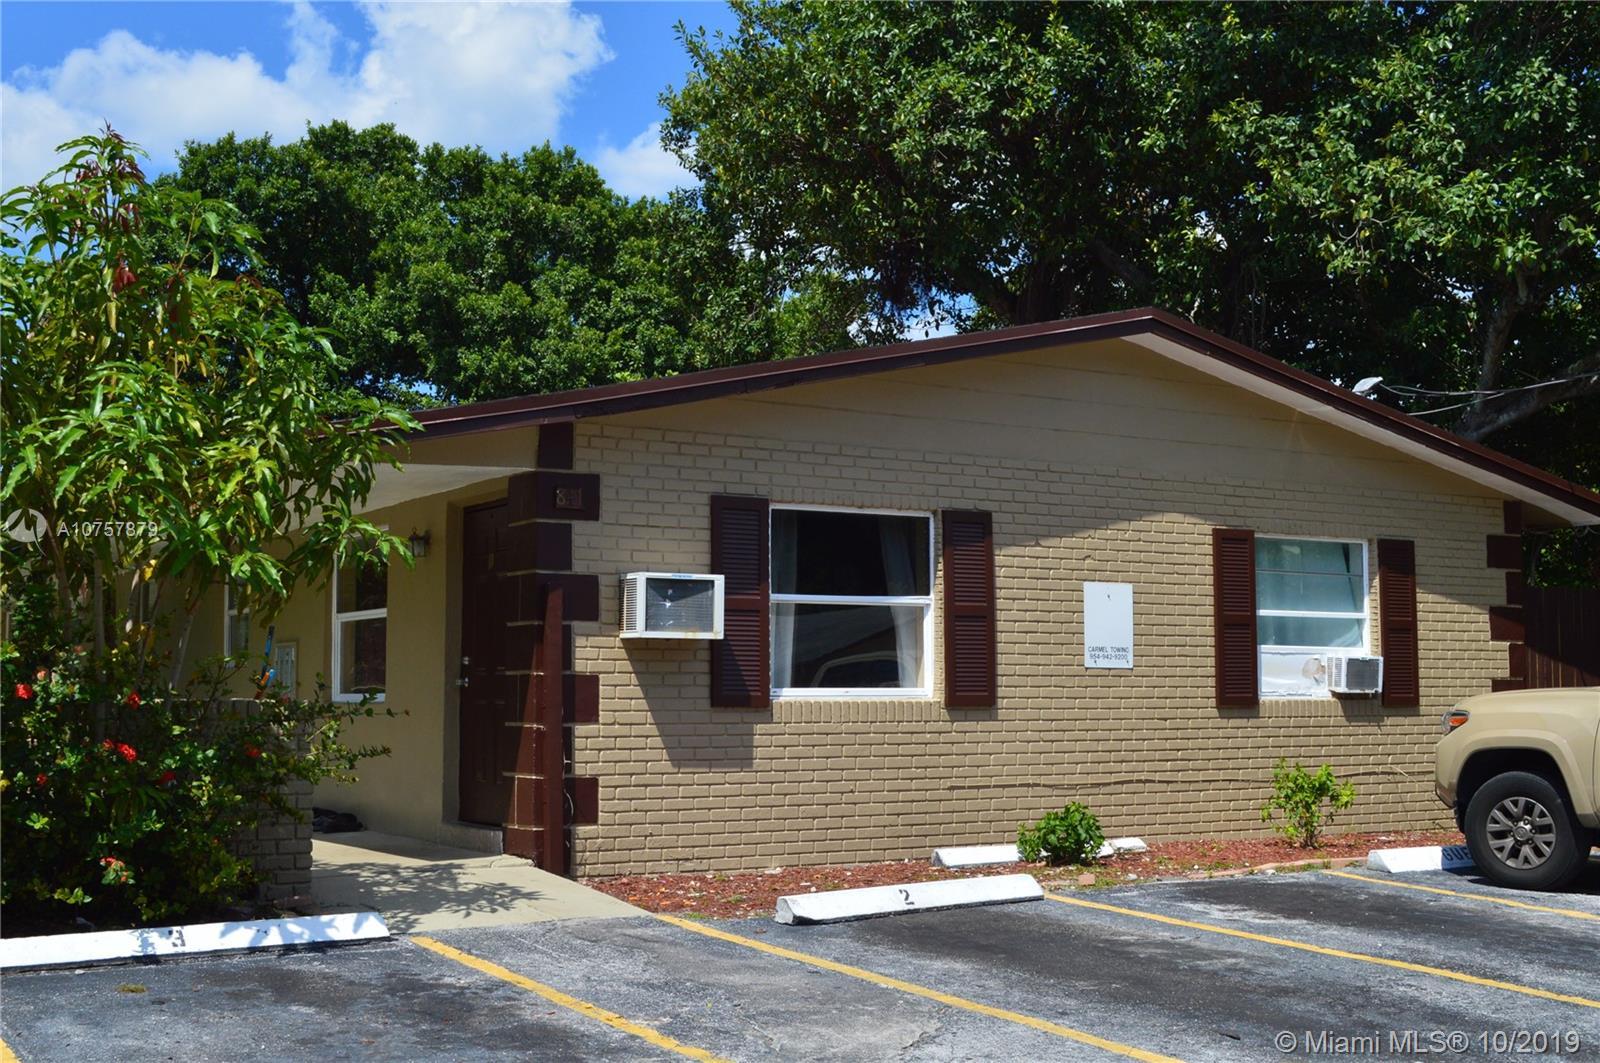 841 SW 10th St, Pompano Beach, FL 33060